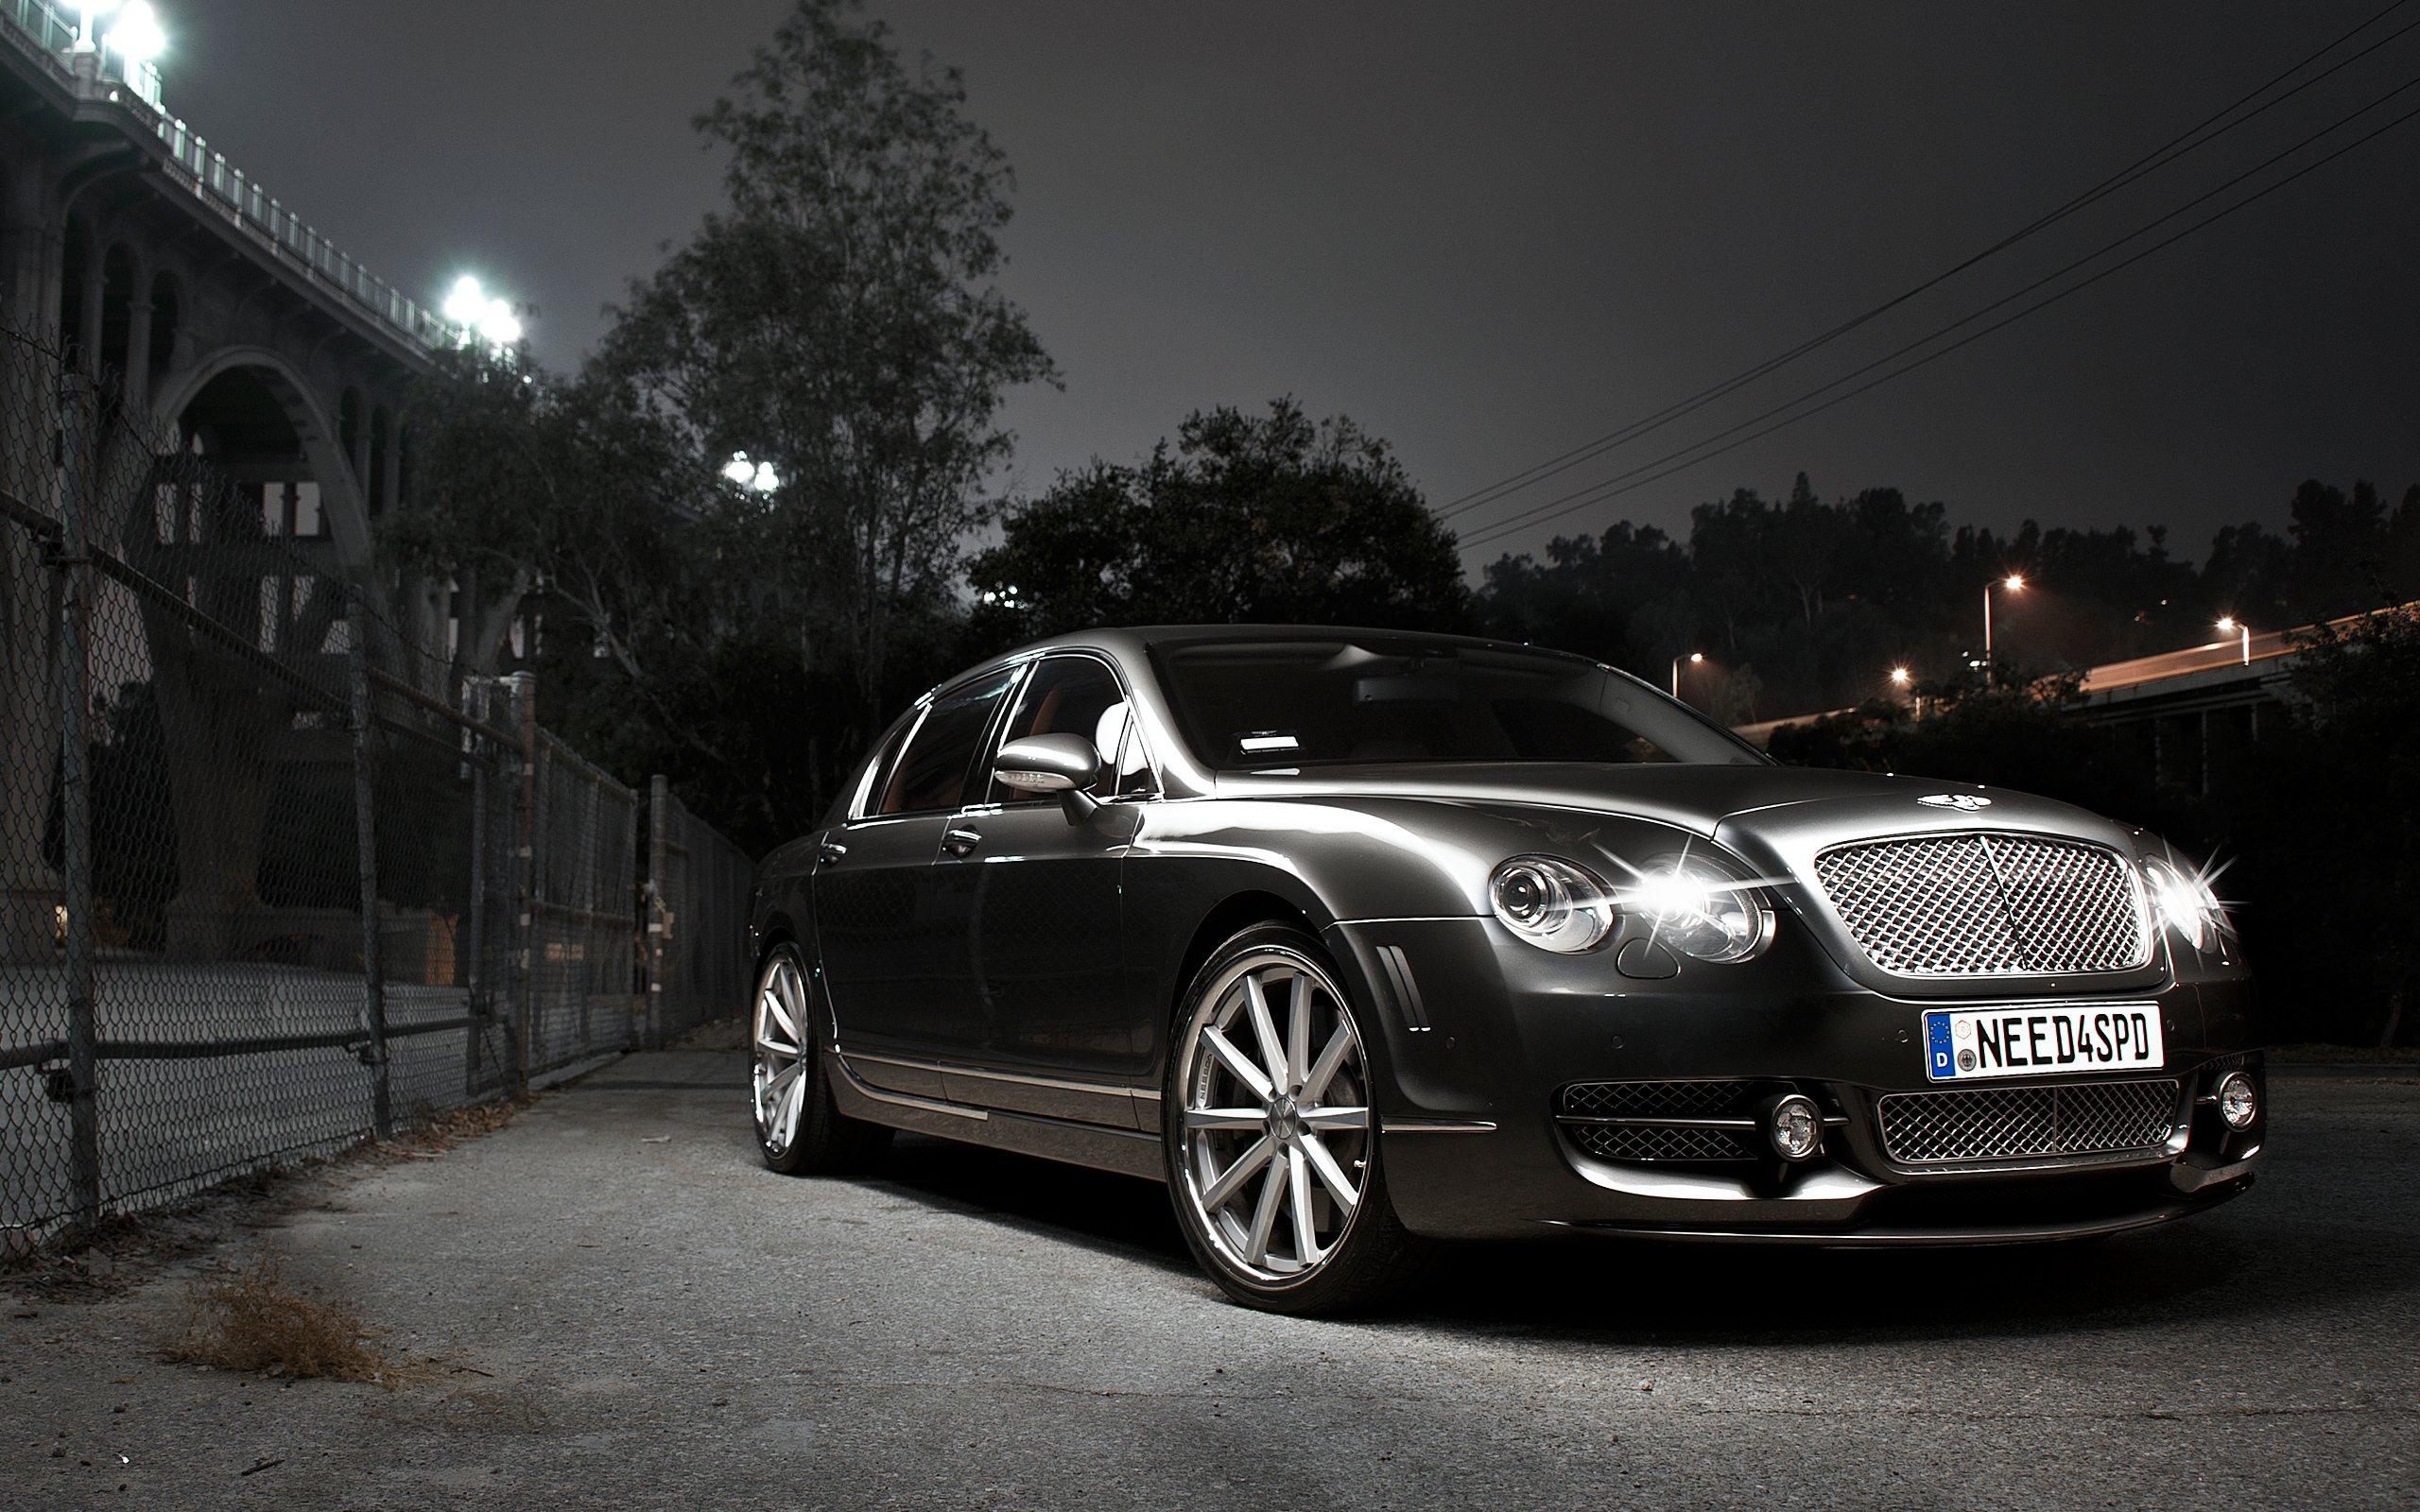 Bentley Wallpaper HD 2560x1600